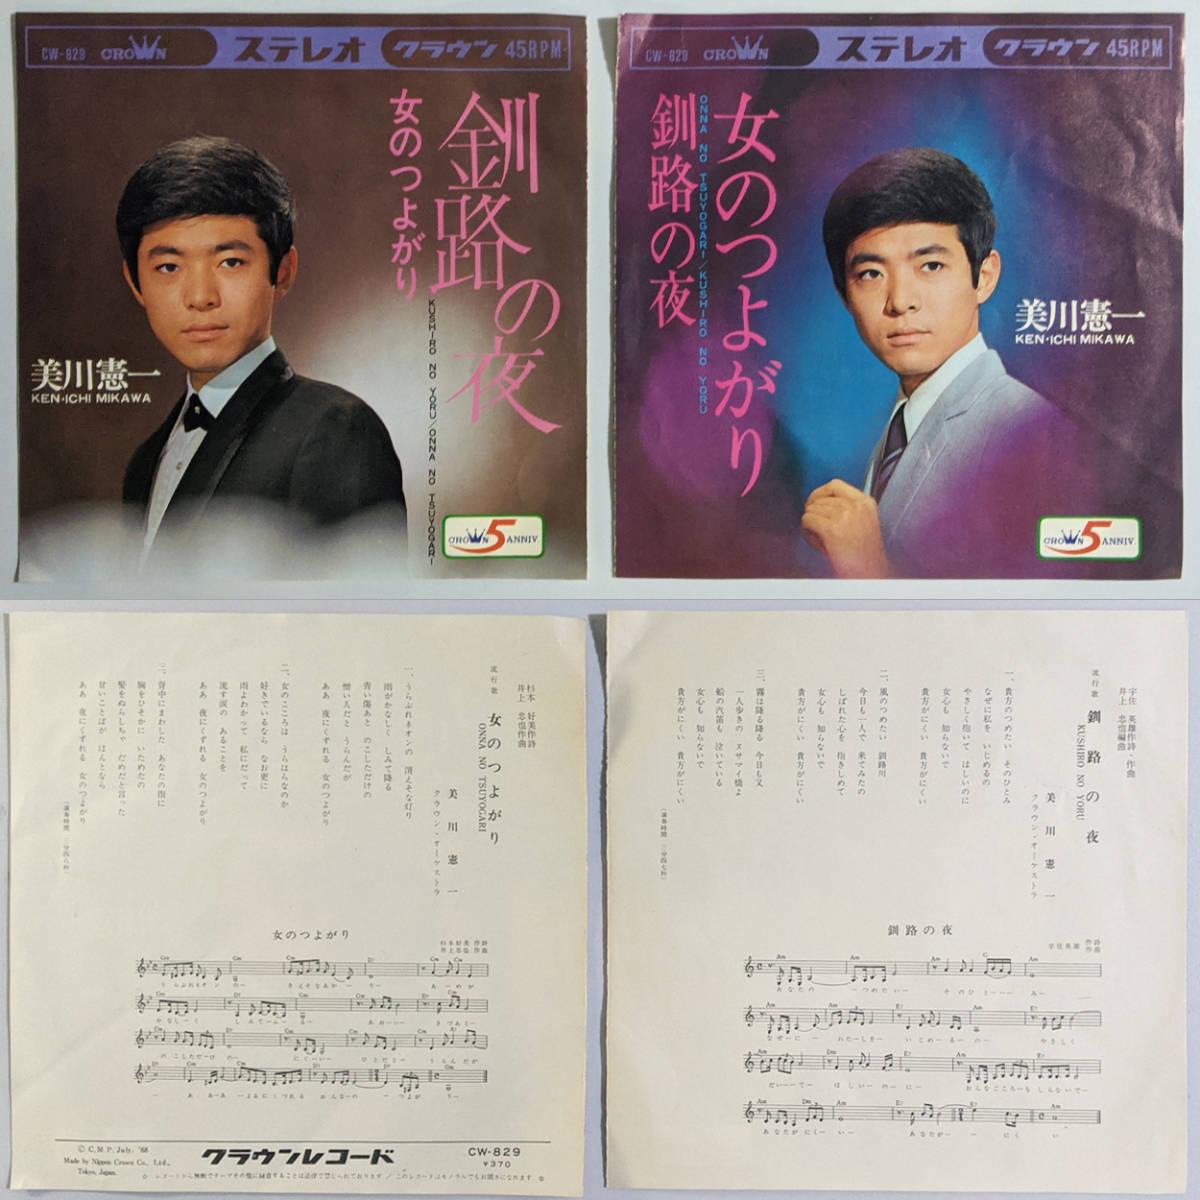 ★EP|7インチ|レコード|シングル|流行歌|美川憲一|まぼろしのブルース/紅い吸い殻|釧路の夜/女のつよがり|2枚セット_画像7